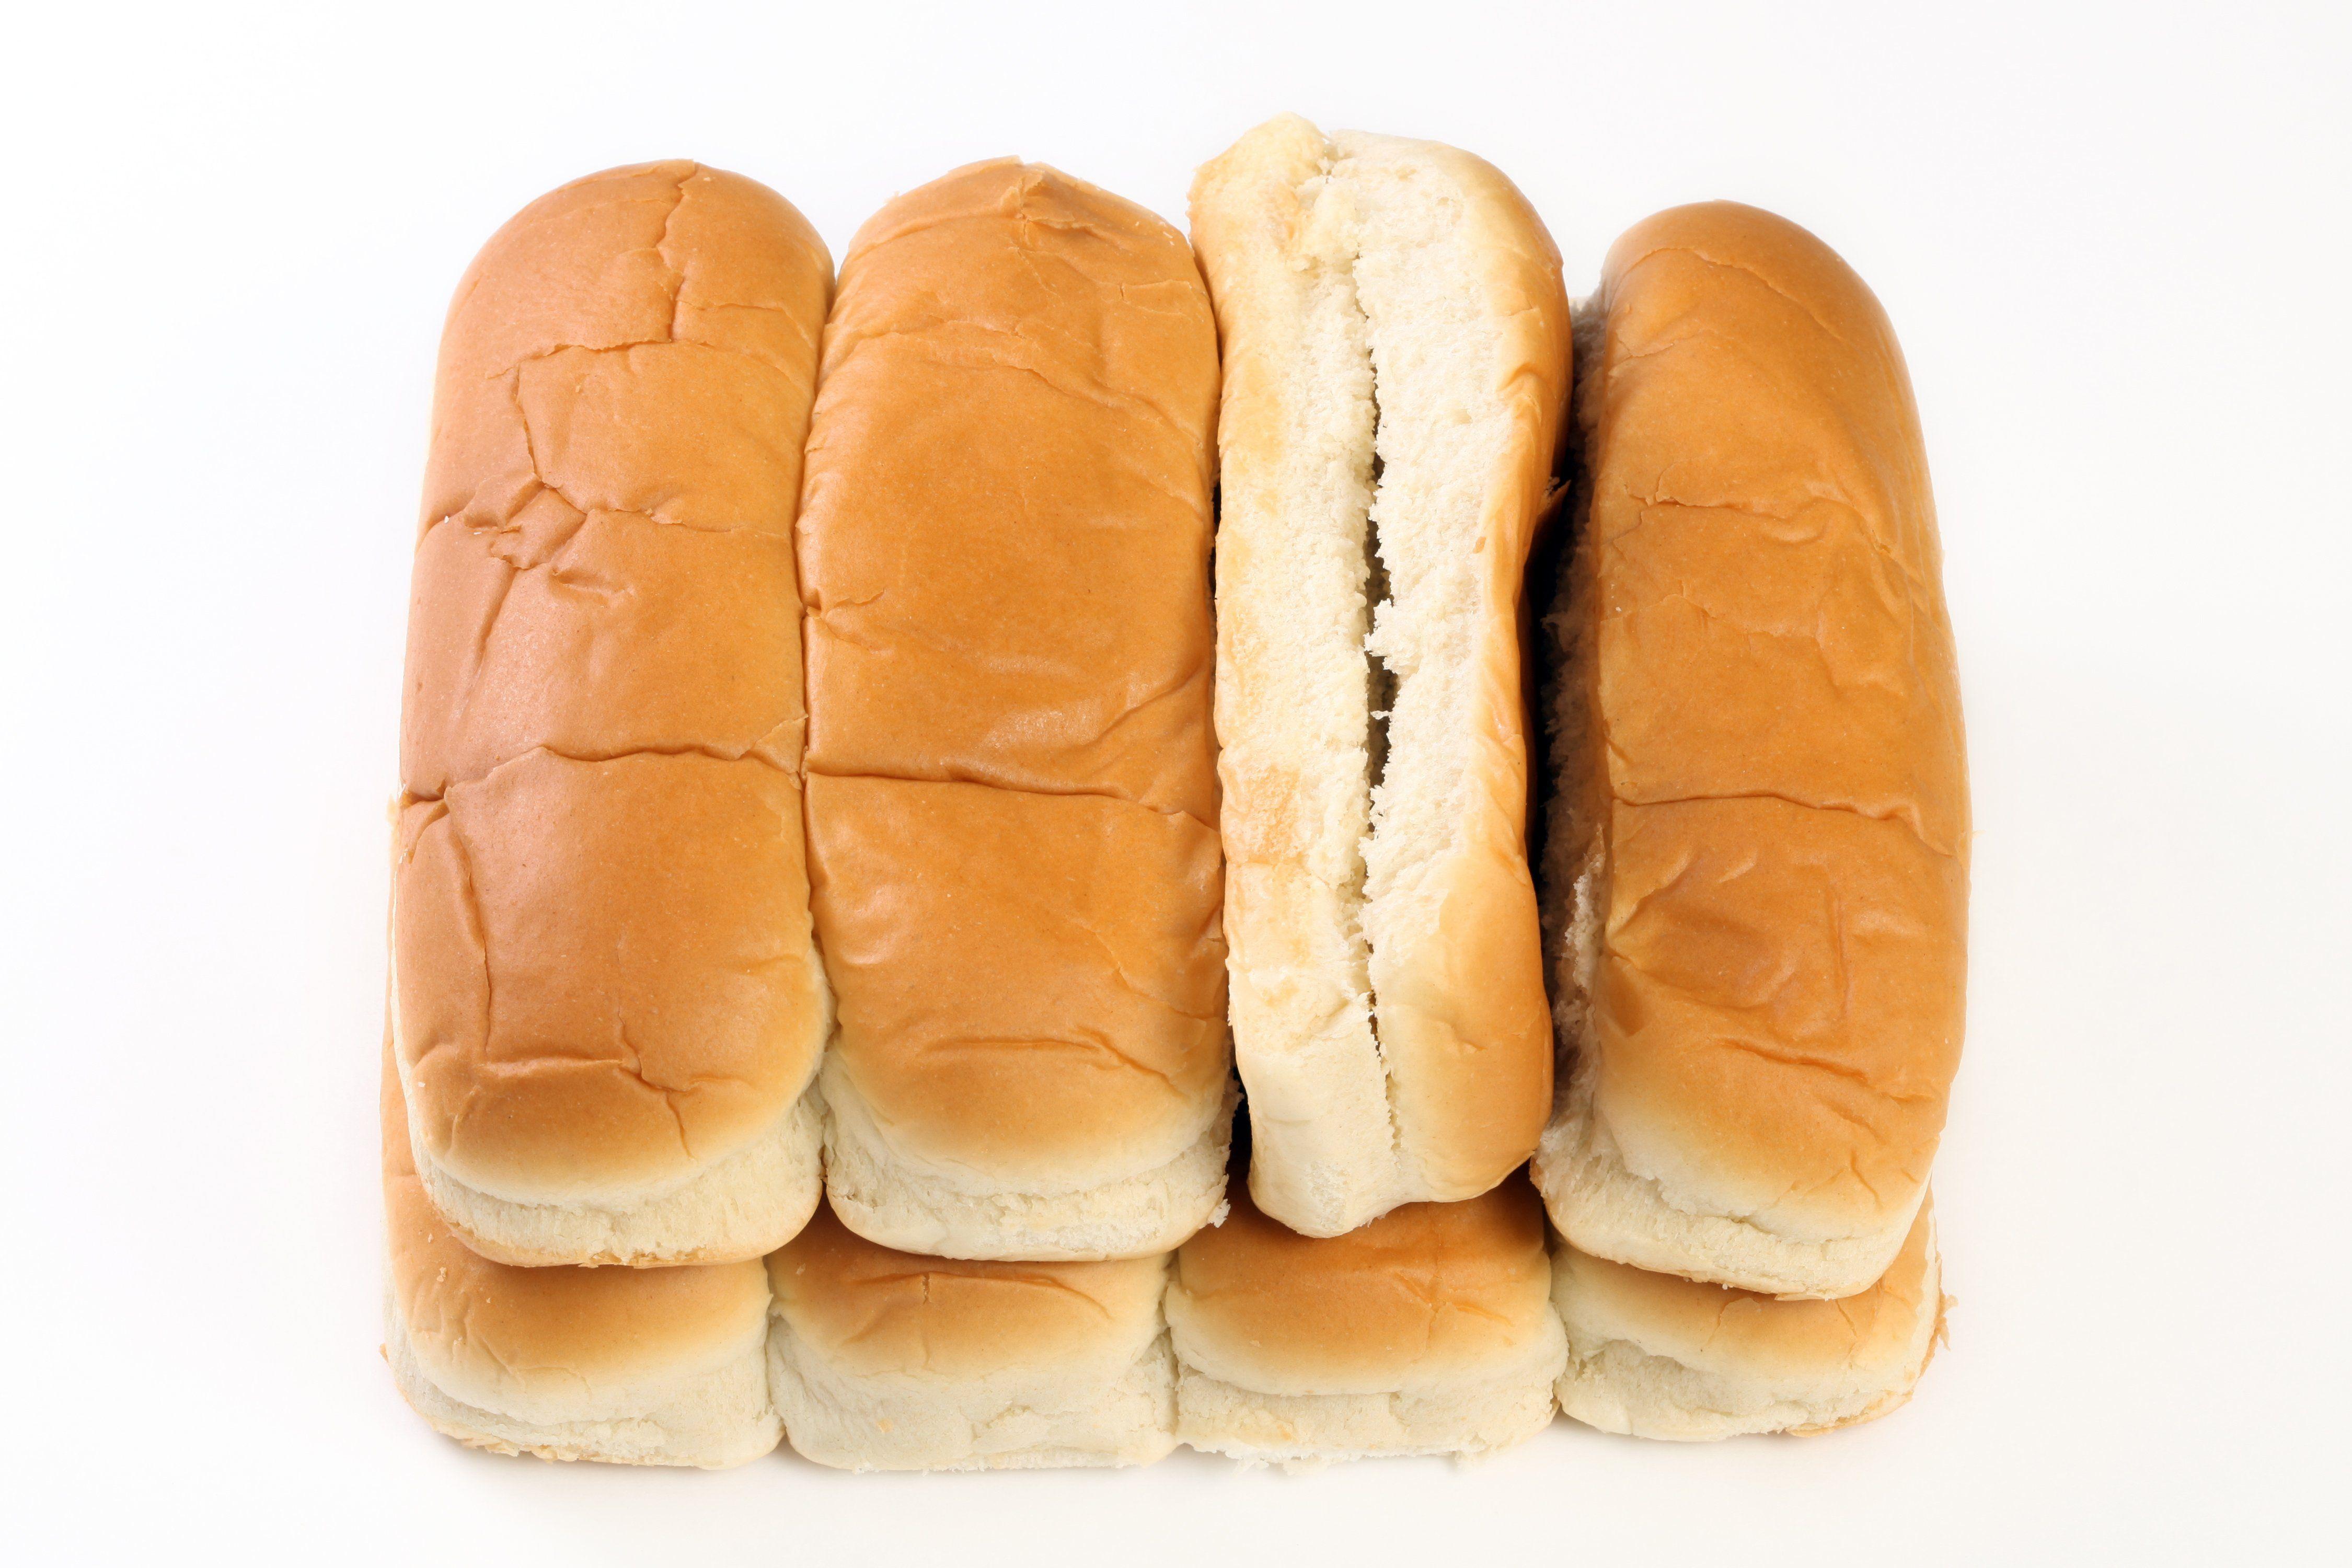 hamburger hot dog buns sold at stores like walmart aldi recalled over choking hazard fox8 com hot dog buns aldi hot dogs hamburger hot dog buns sold at stores